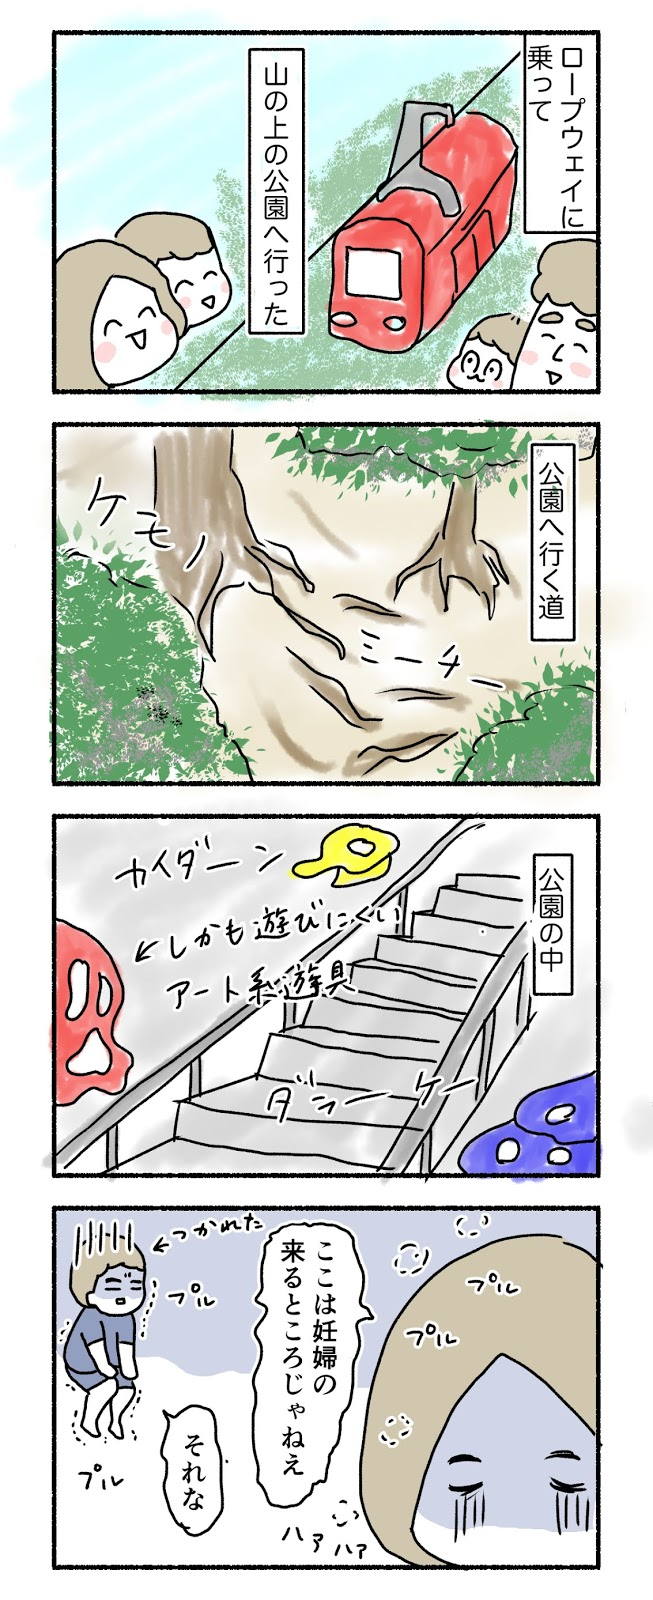 山のてっぺんにある公園が階段と坂と獣道だらけで妊婦NGだった4コマ漫画